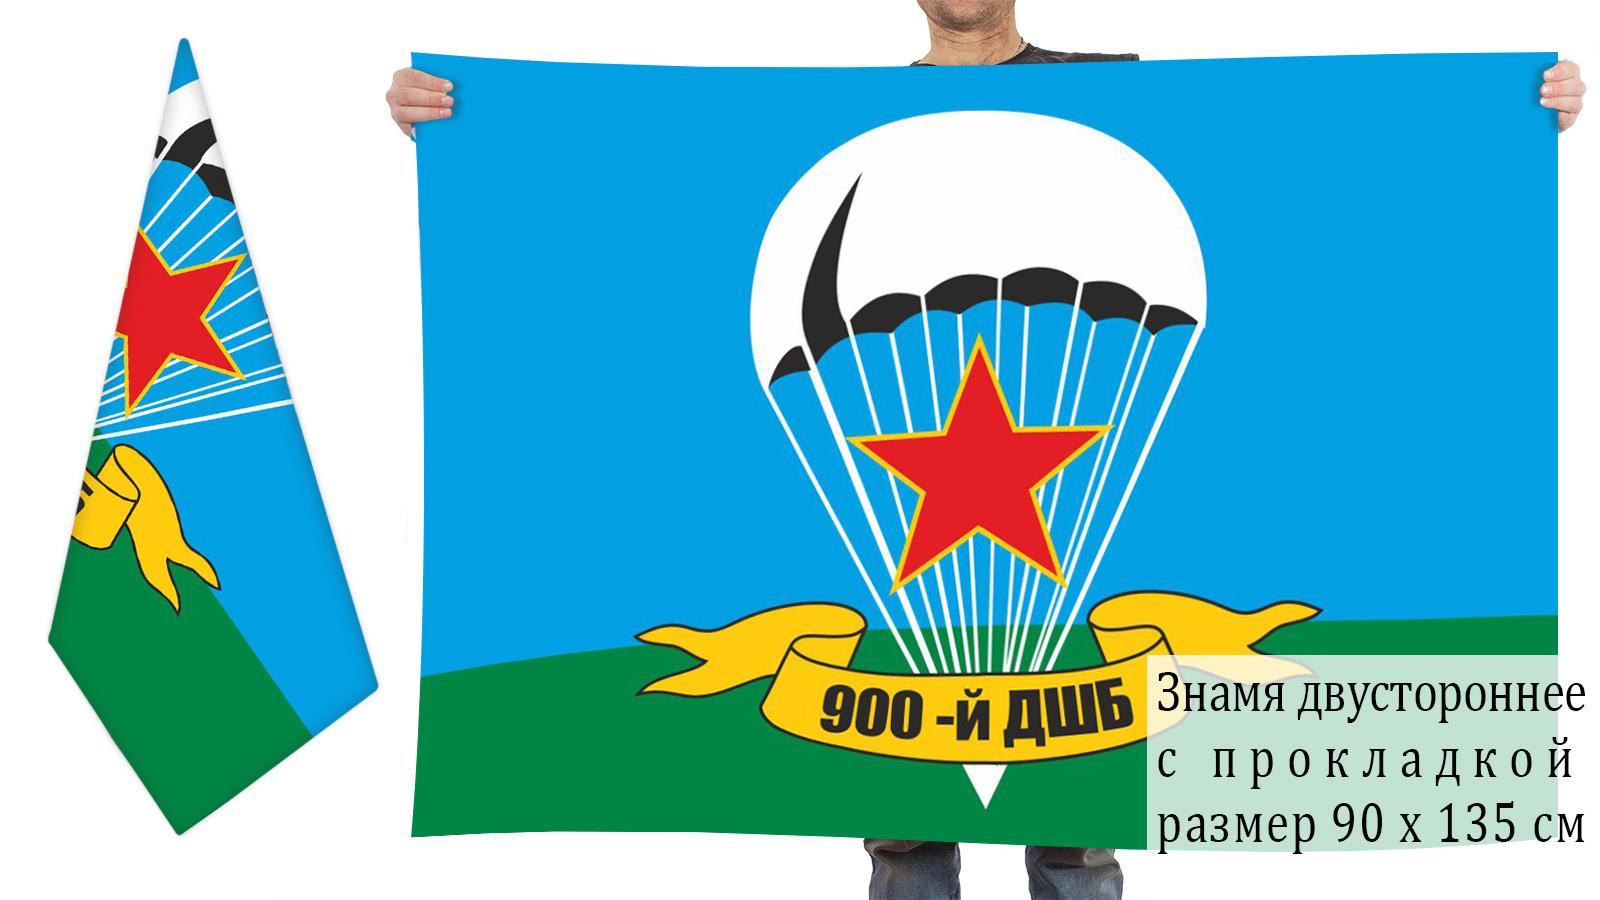 Двусторонний флаг 900 отдельного десантно-штурмового батальона